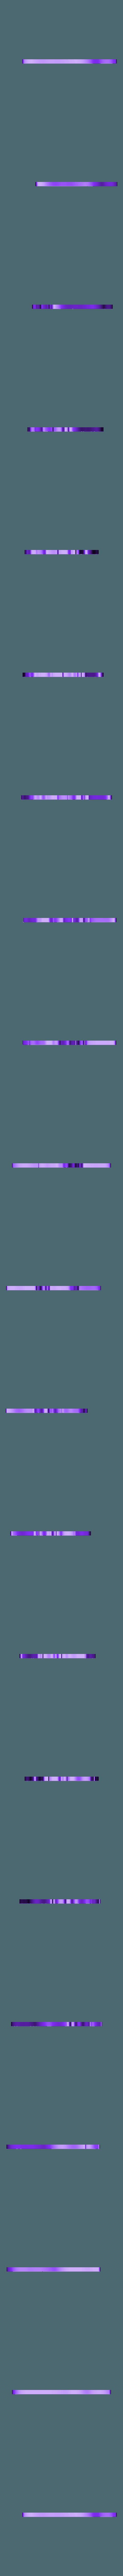 sorting__hat_hat.STL Télécharger fichier STL gratuit Sous-verres multicolores Harry Potter • Design pour impression 3D, MosaicManufacturing